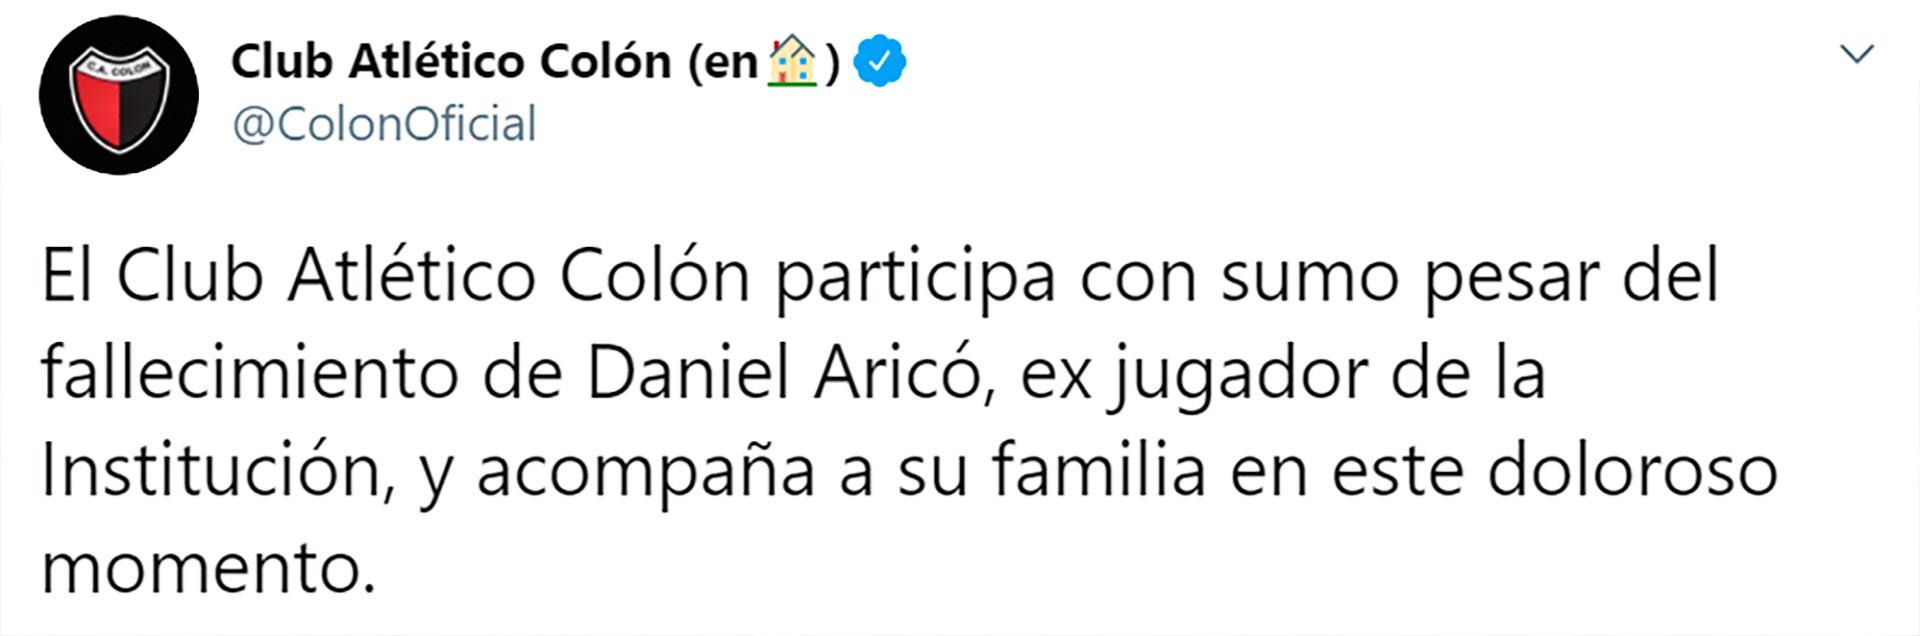 El mensaje de Colón por la muerte de Aricó